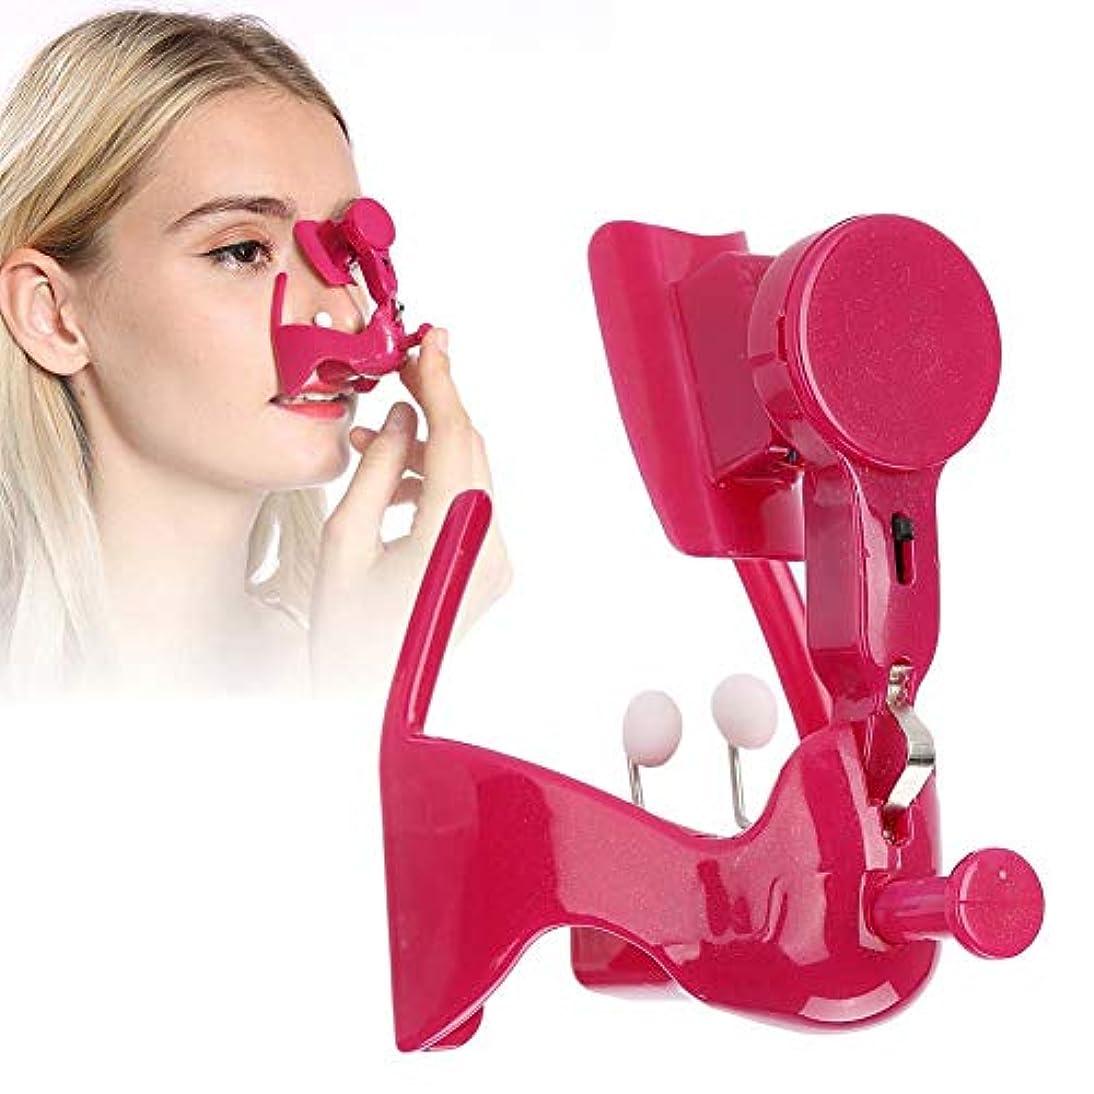 ペッカディロトークン禁じる鼻筋 矯正 ノーズアップノーズクリップ 鼻高く鼻プチ 柔軟性高く バタリー付き